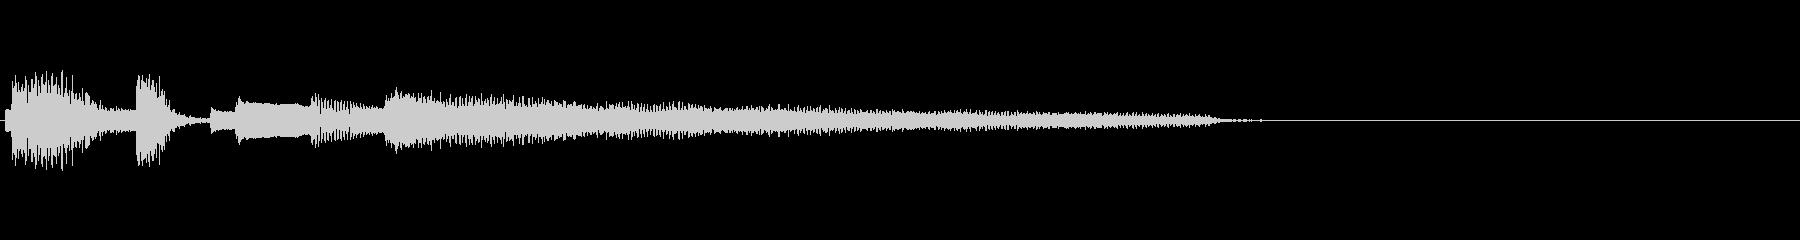 おしゃれなエレピのジングル2の未再生の波形